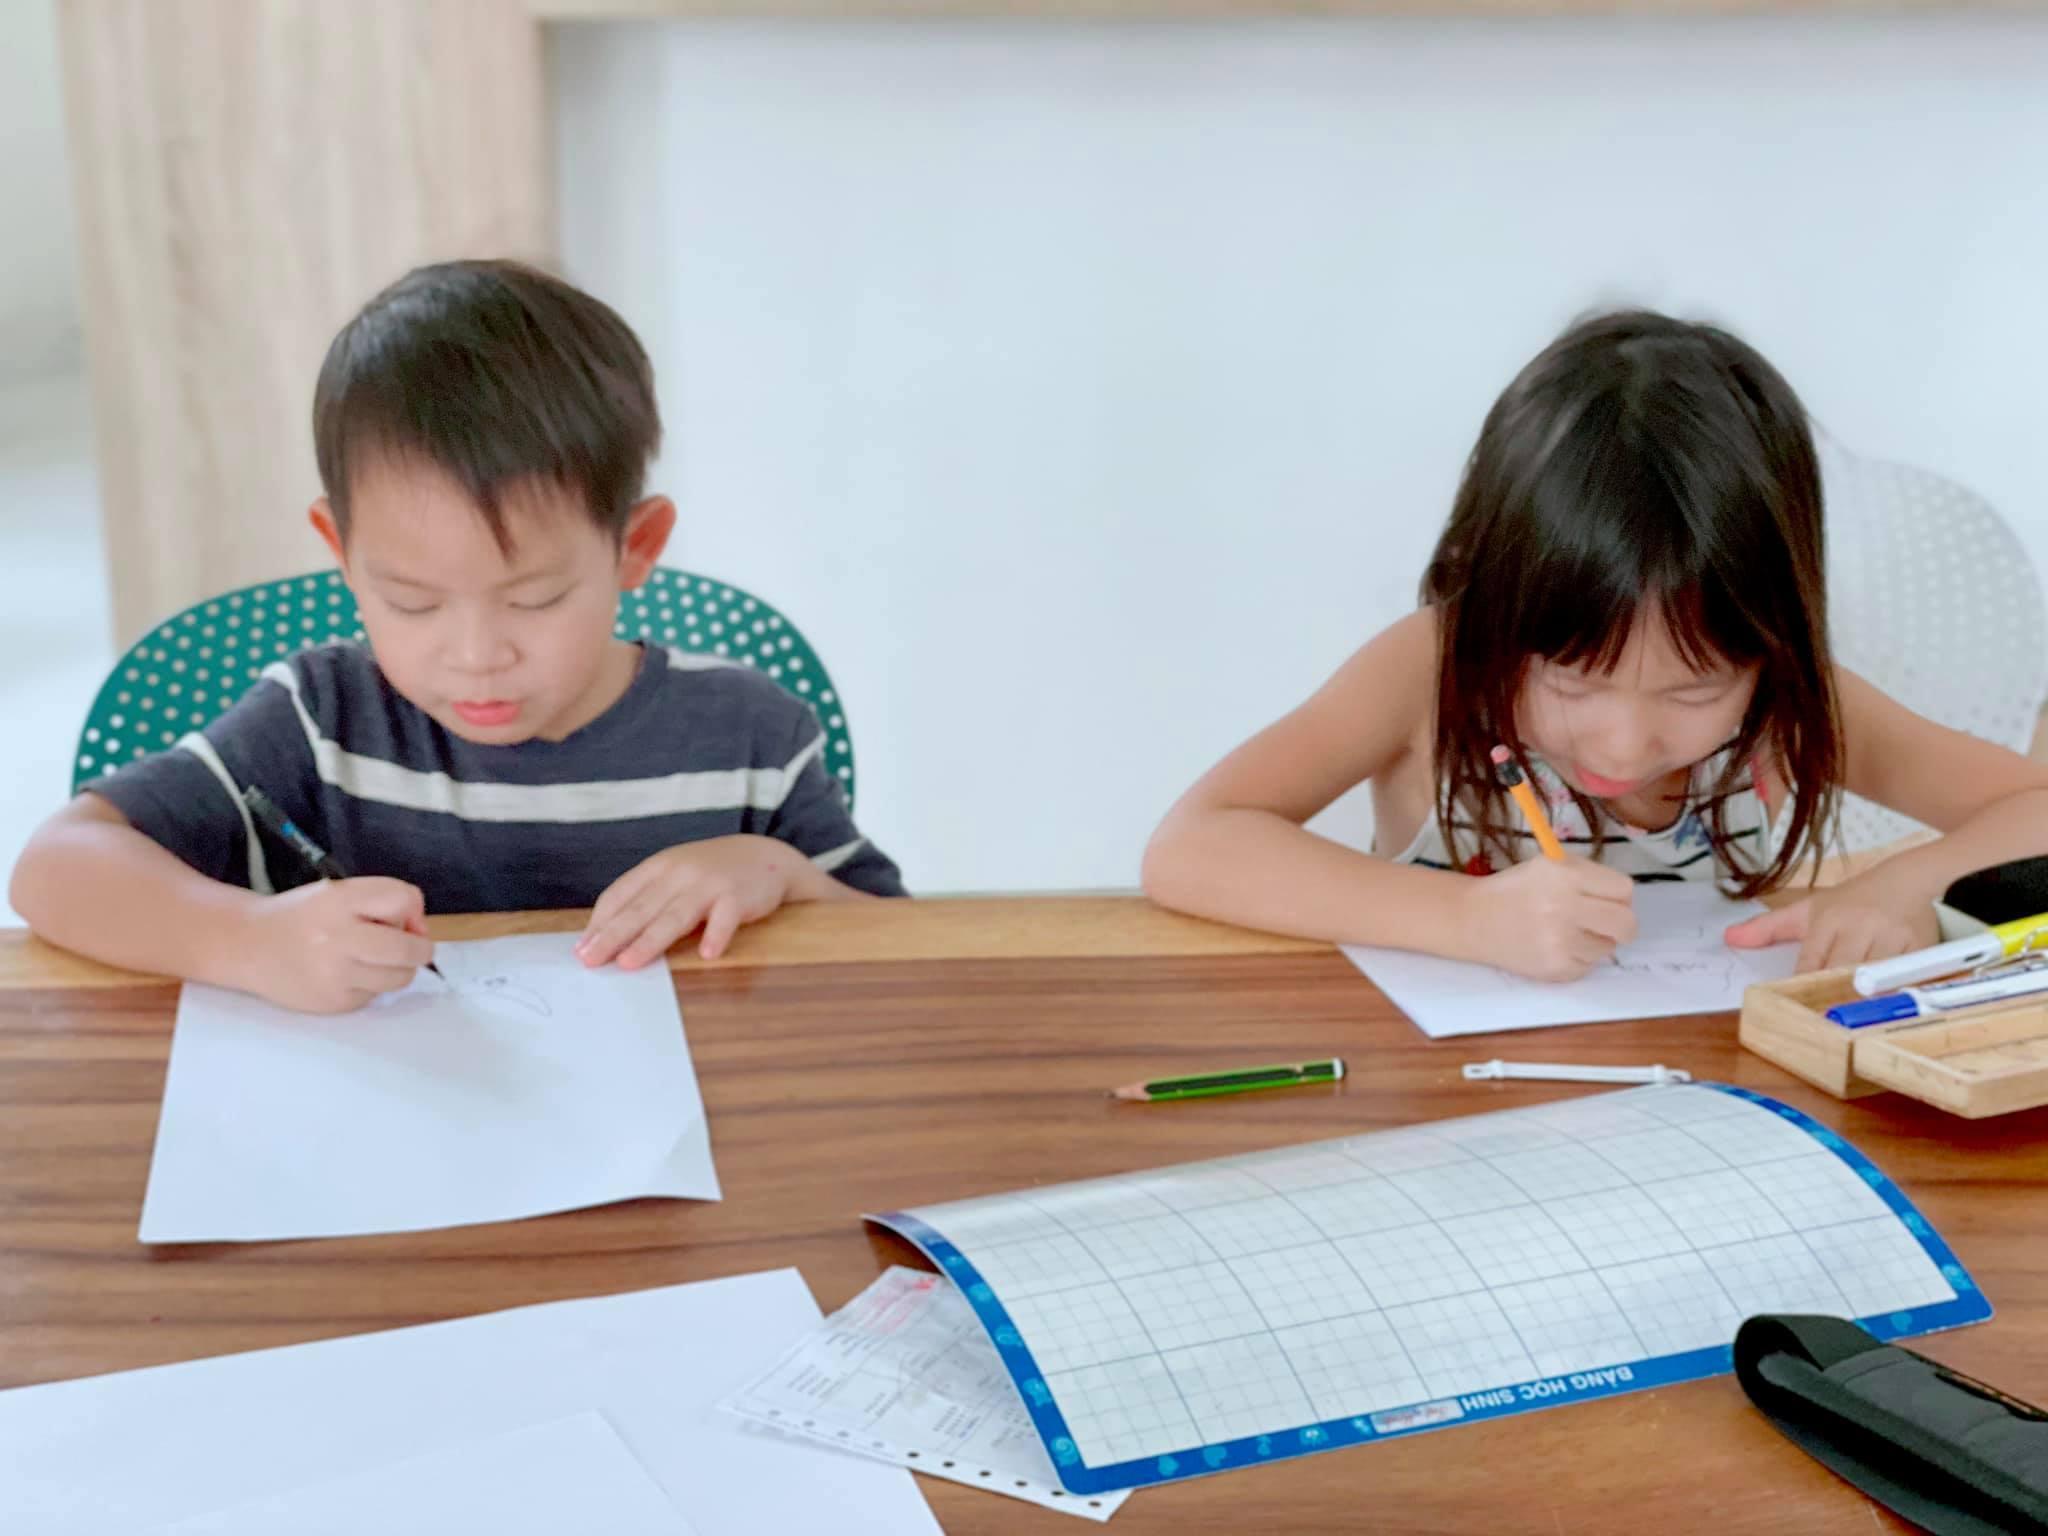 Nhìn việc 4 con nhà Lý Hải - Minh Hà làm ngày đầu nghỉ Tết đã thấy cách nuôi dạy khoa học